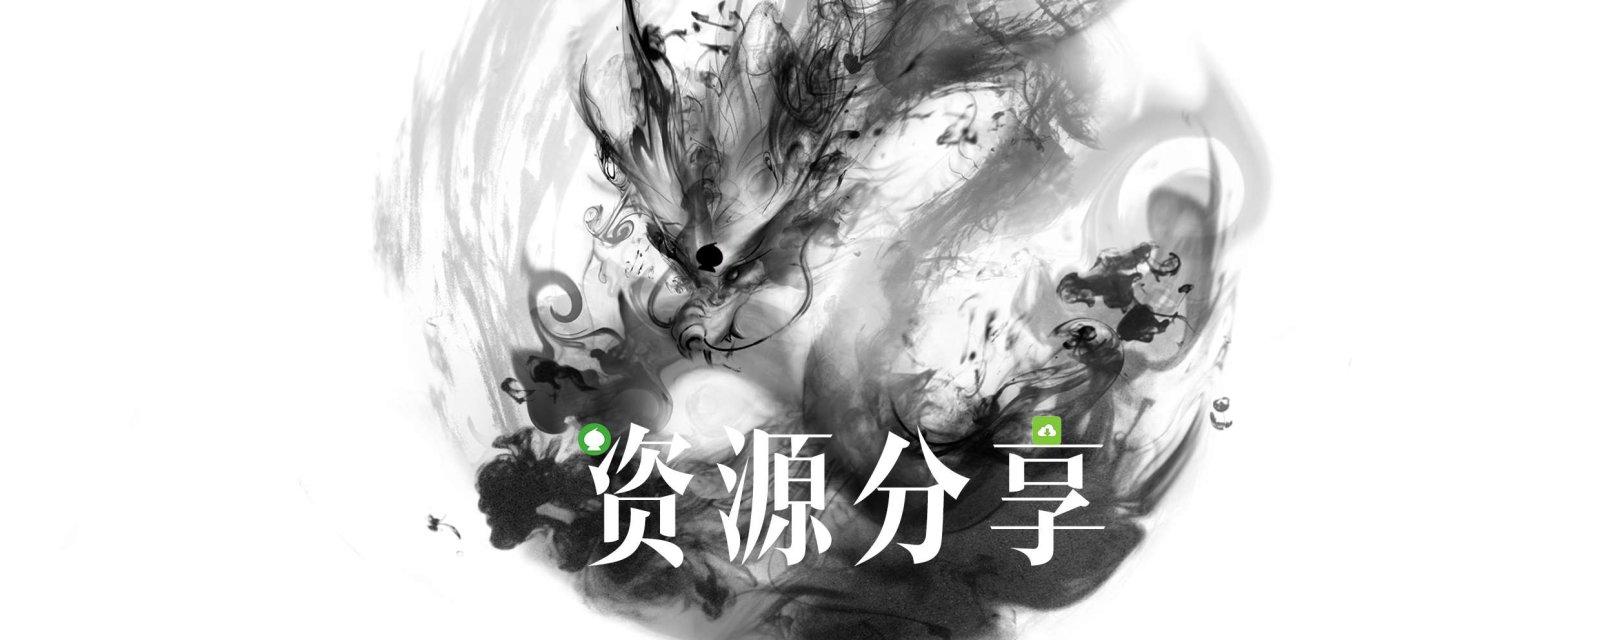 【资源分享】小侠影视